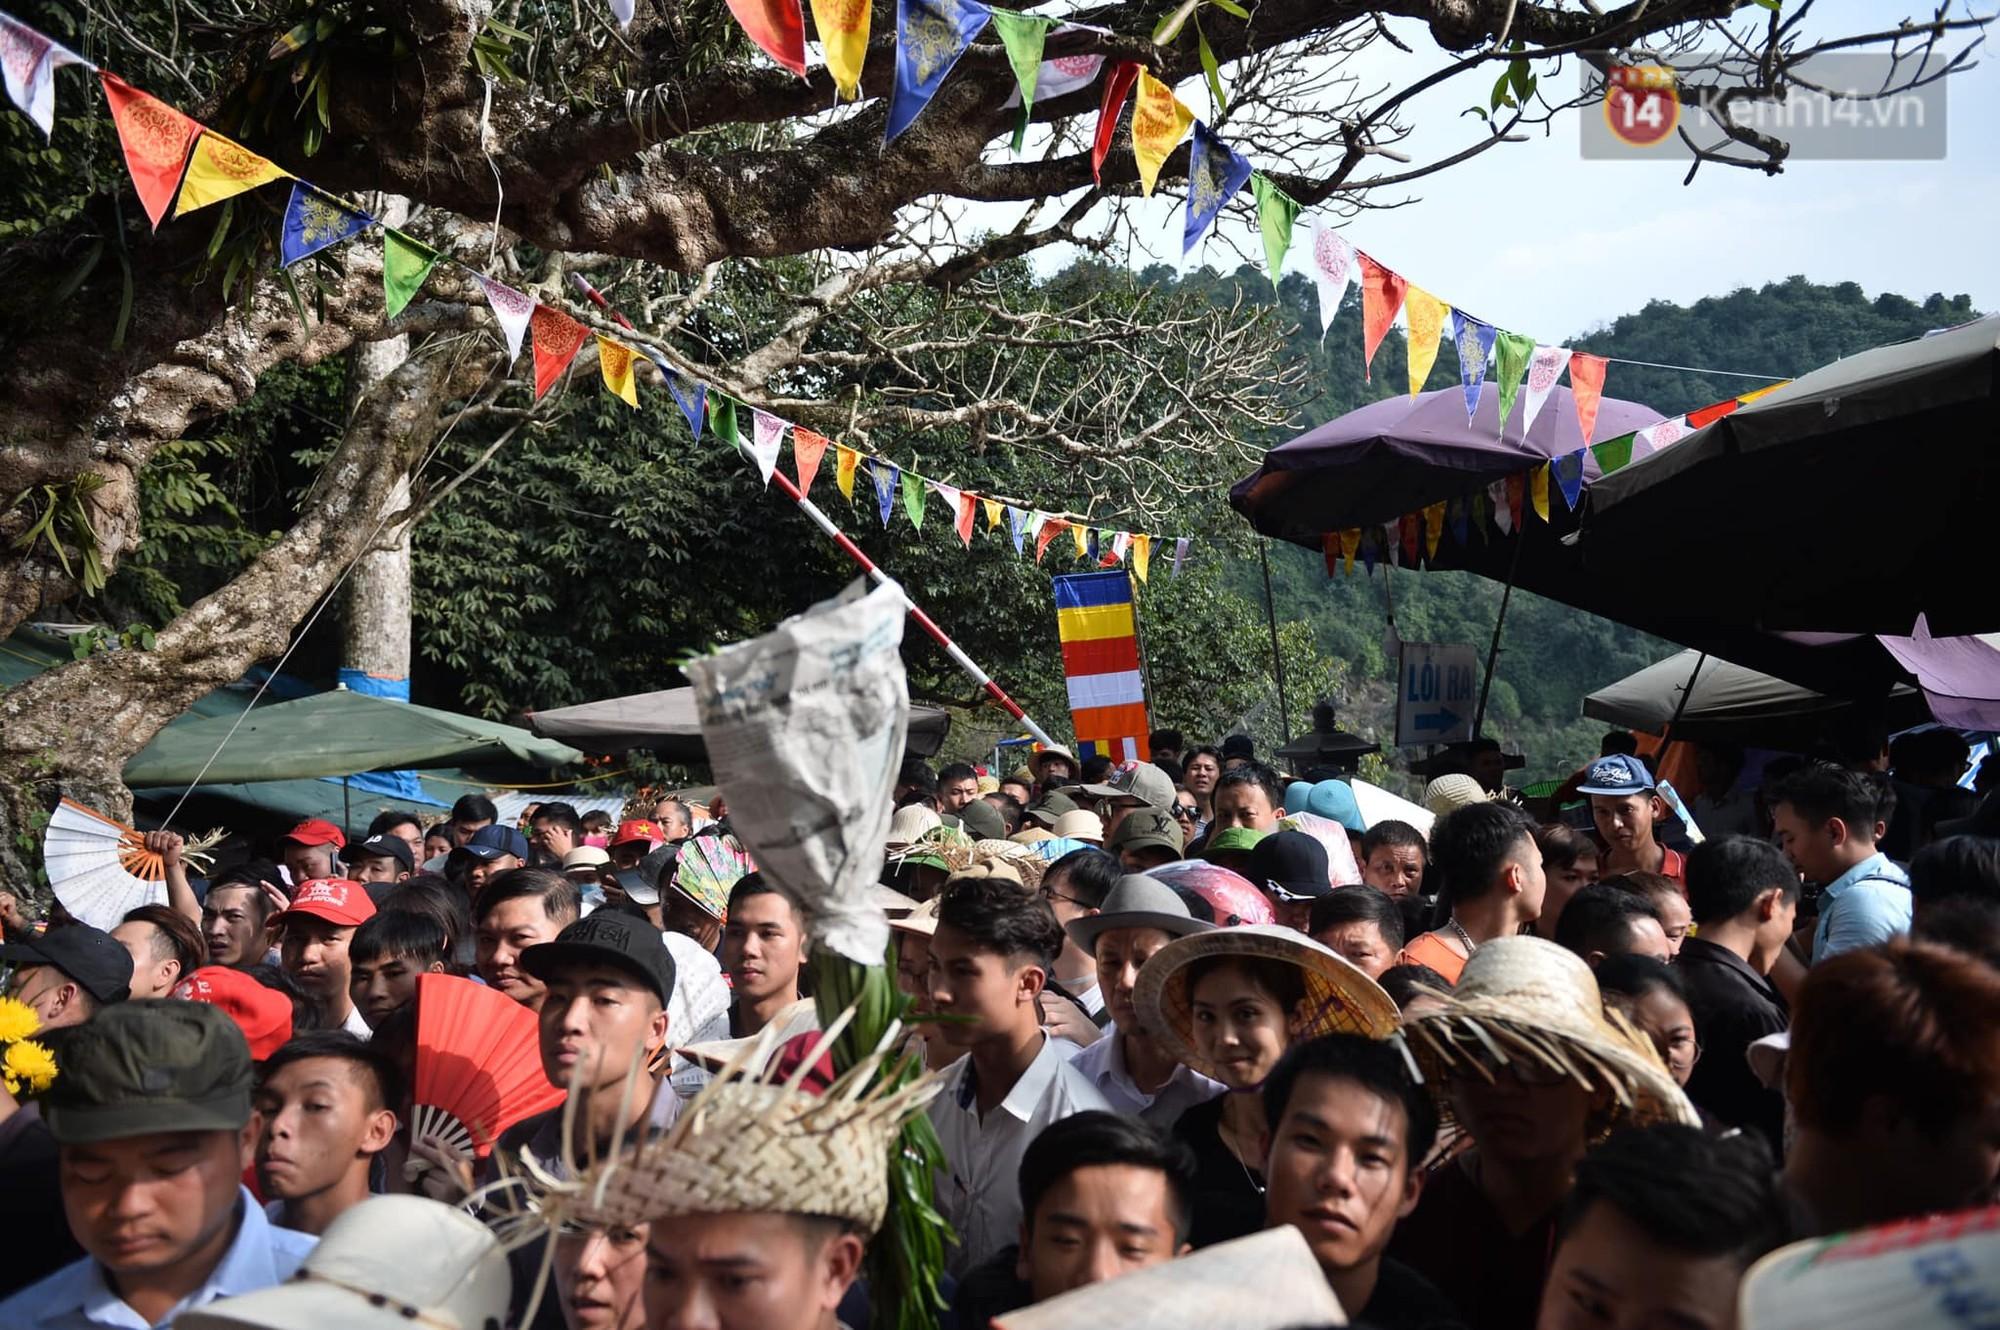 Ảnh: Mệt mỏi vì chen lấn giữa hàng vạn người dù chưa khai hội chùa Hương, nhiều em nhỏ ngủ gục trên vai mẹ-10